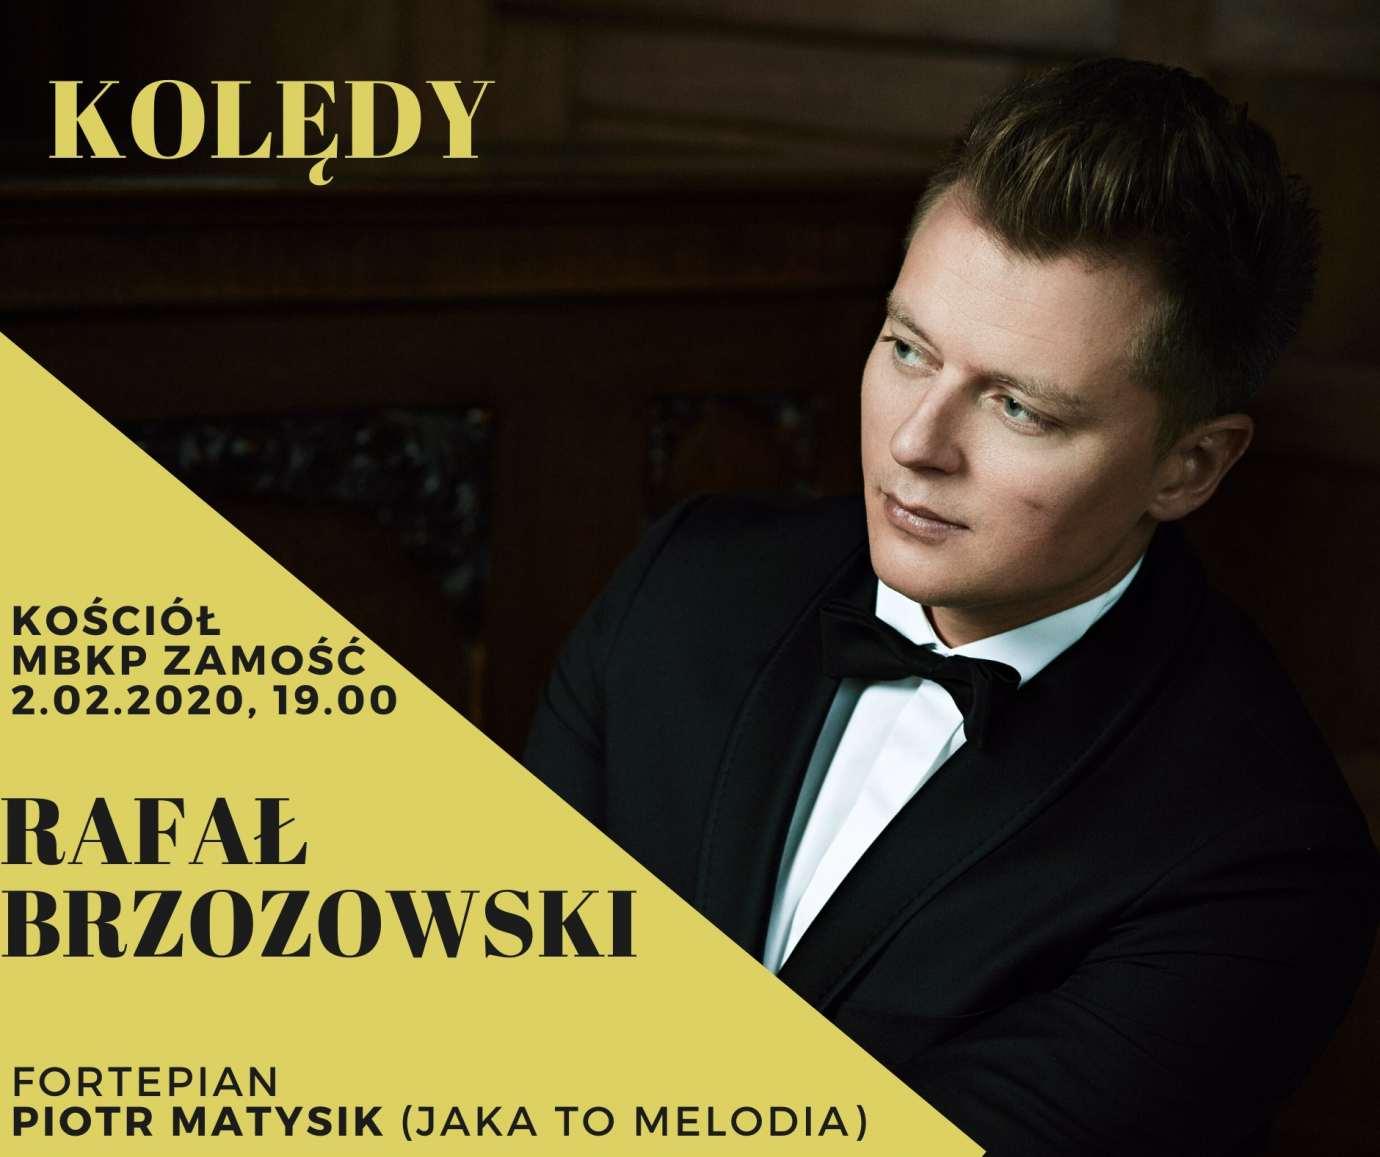 84450827 721263828405497 5029706887470252032 o Zamość: Koncert kolęd w wykonaniu Rafała Brzozowskiego